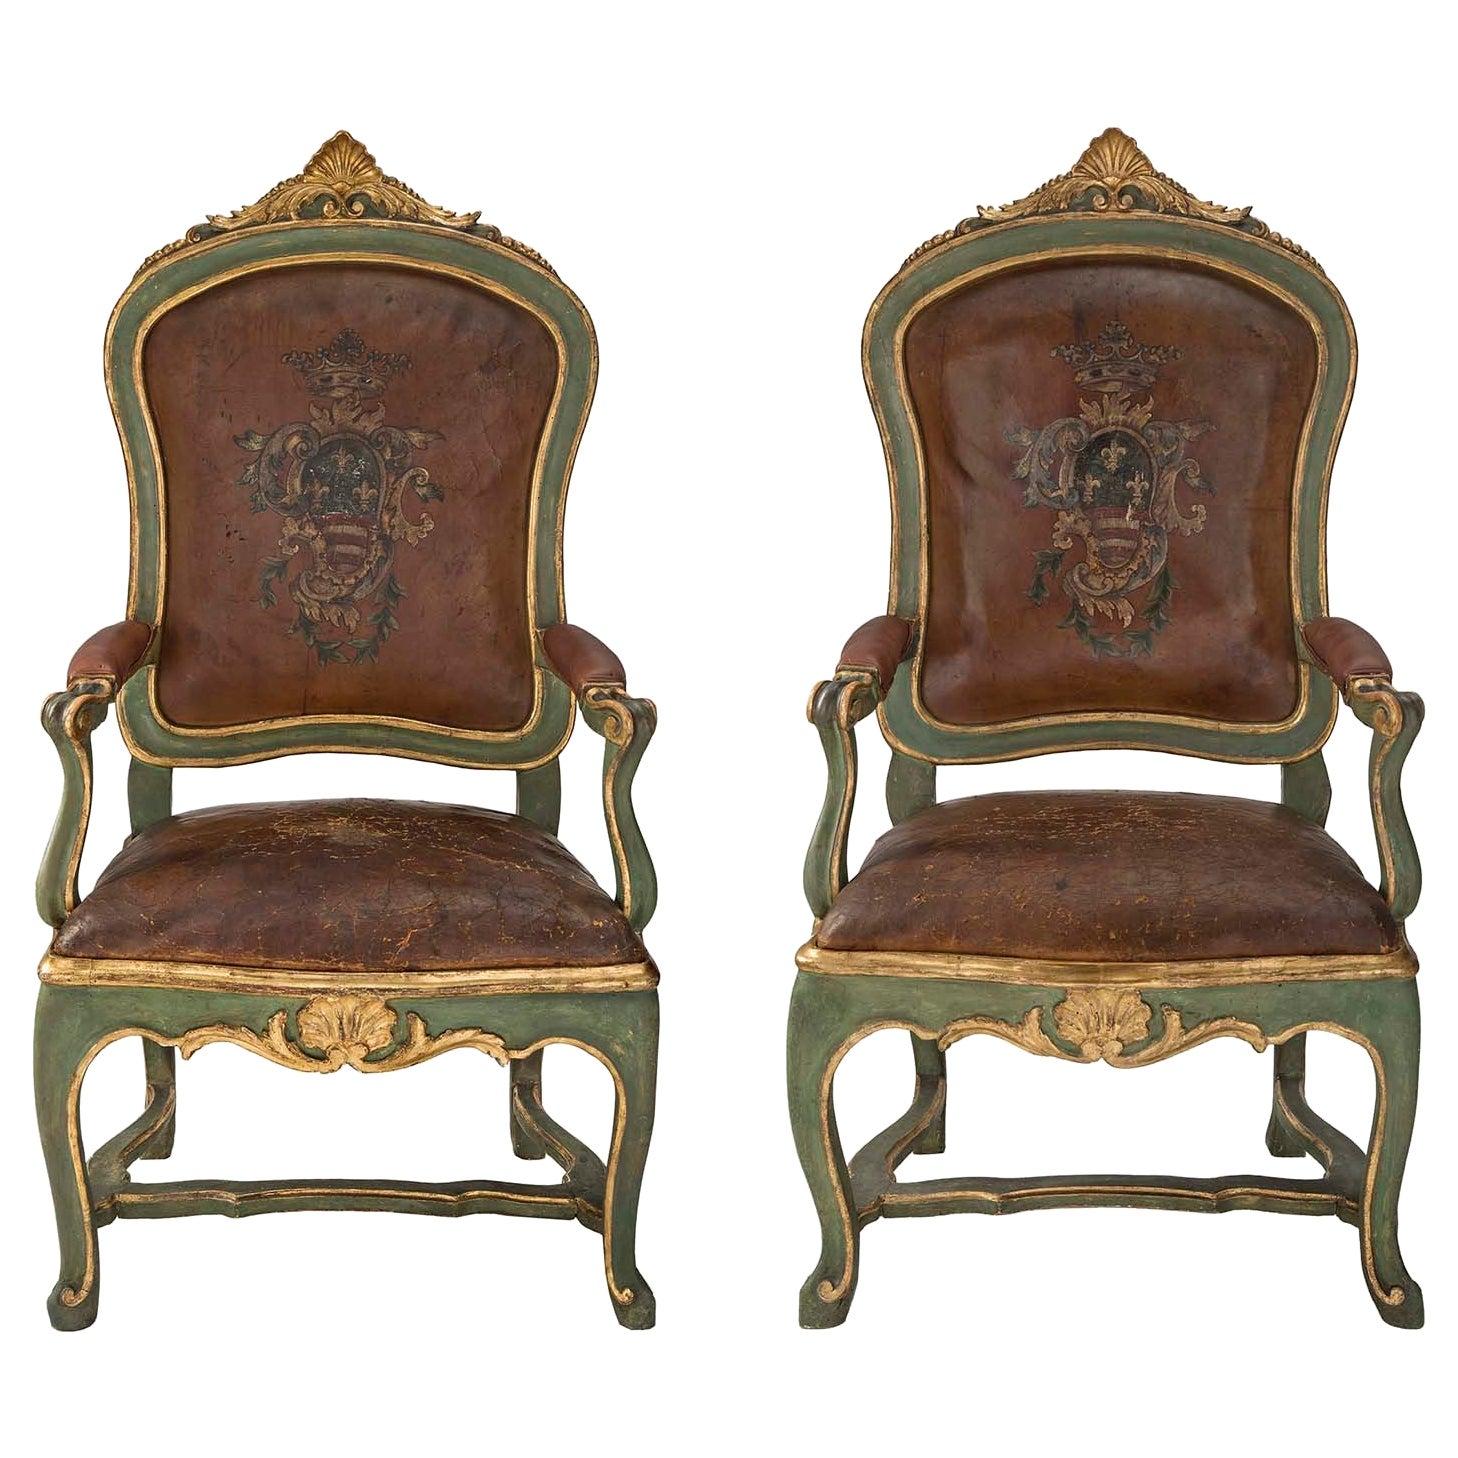 Pair of Italian Mid-18th Century Roman Armchairs